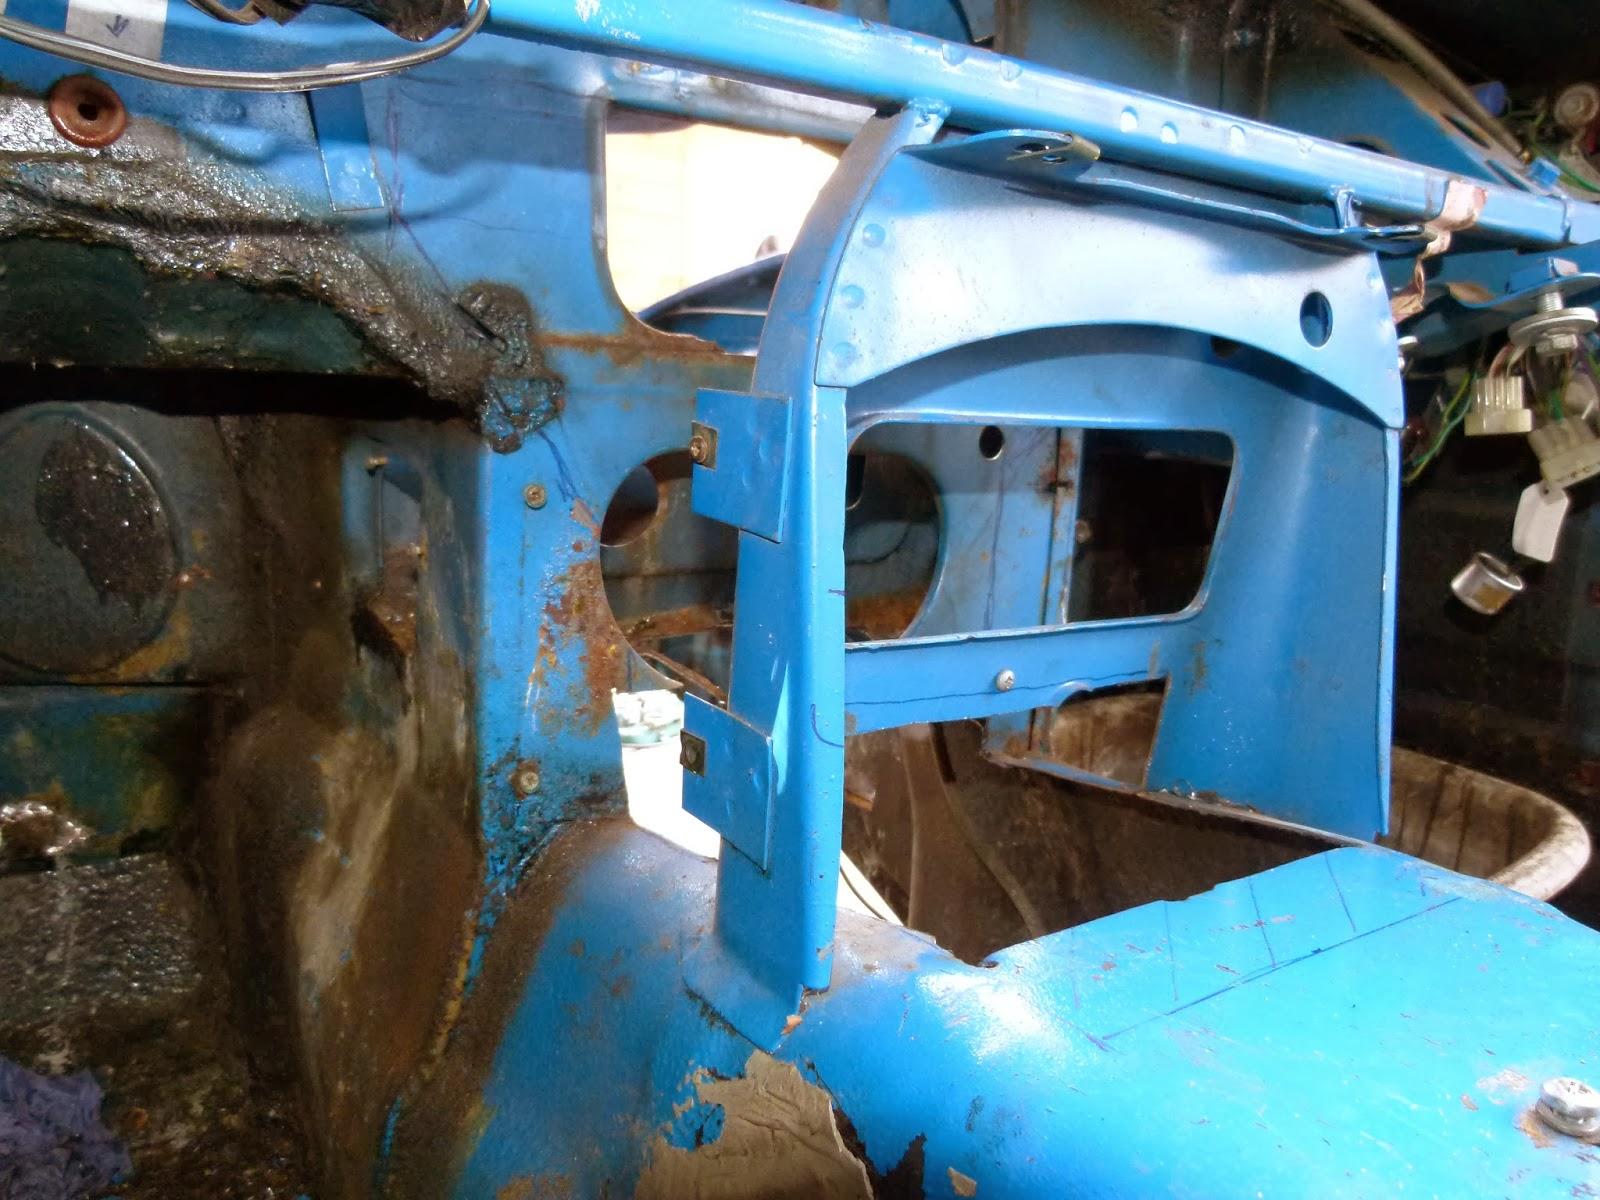 MGB GT 1979 Restoration: October 2013